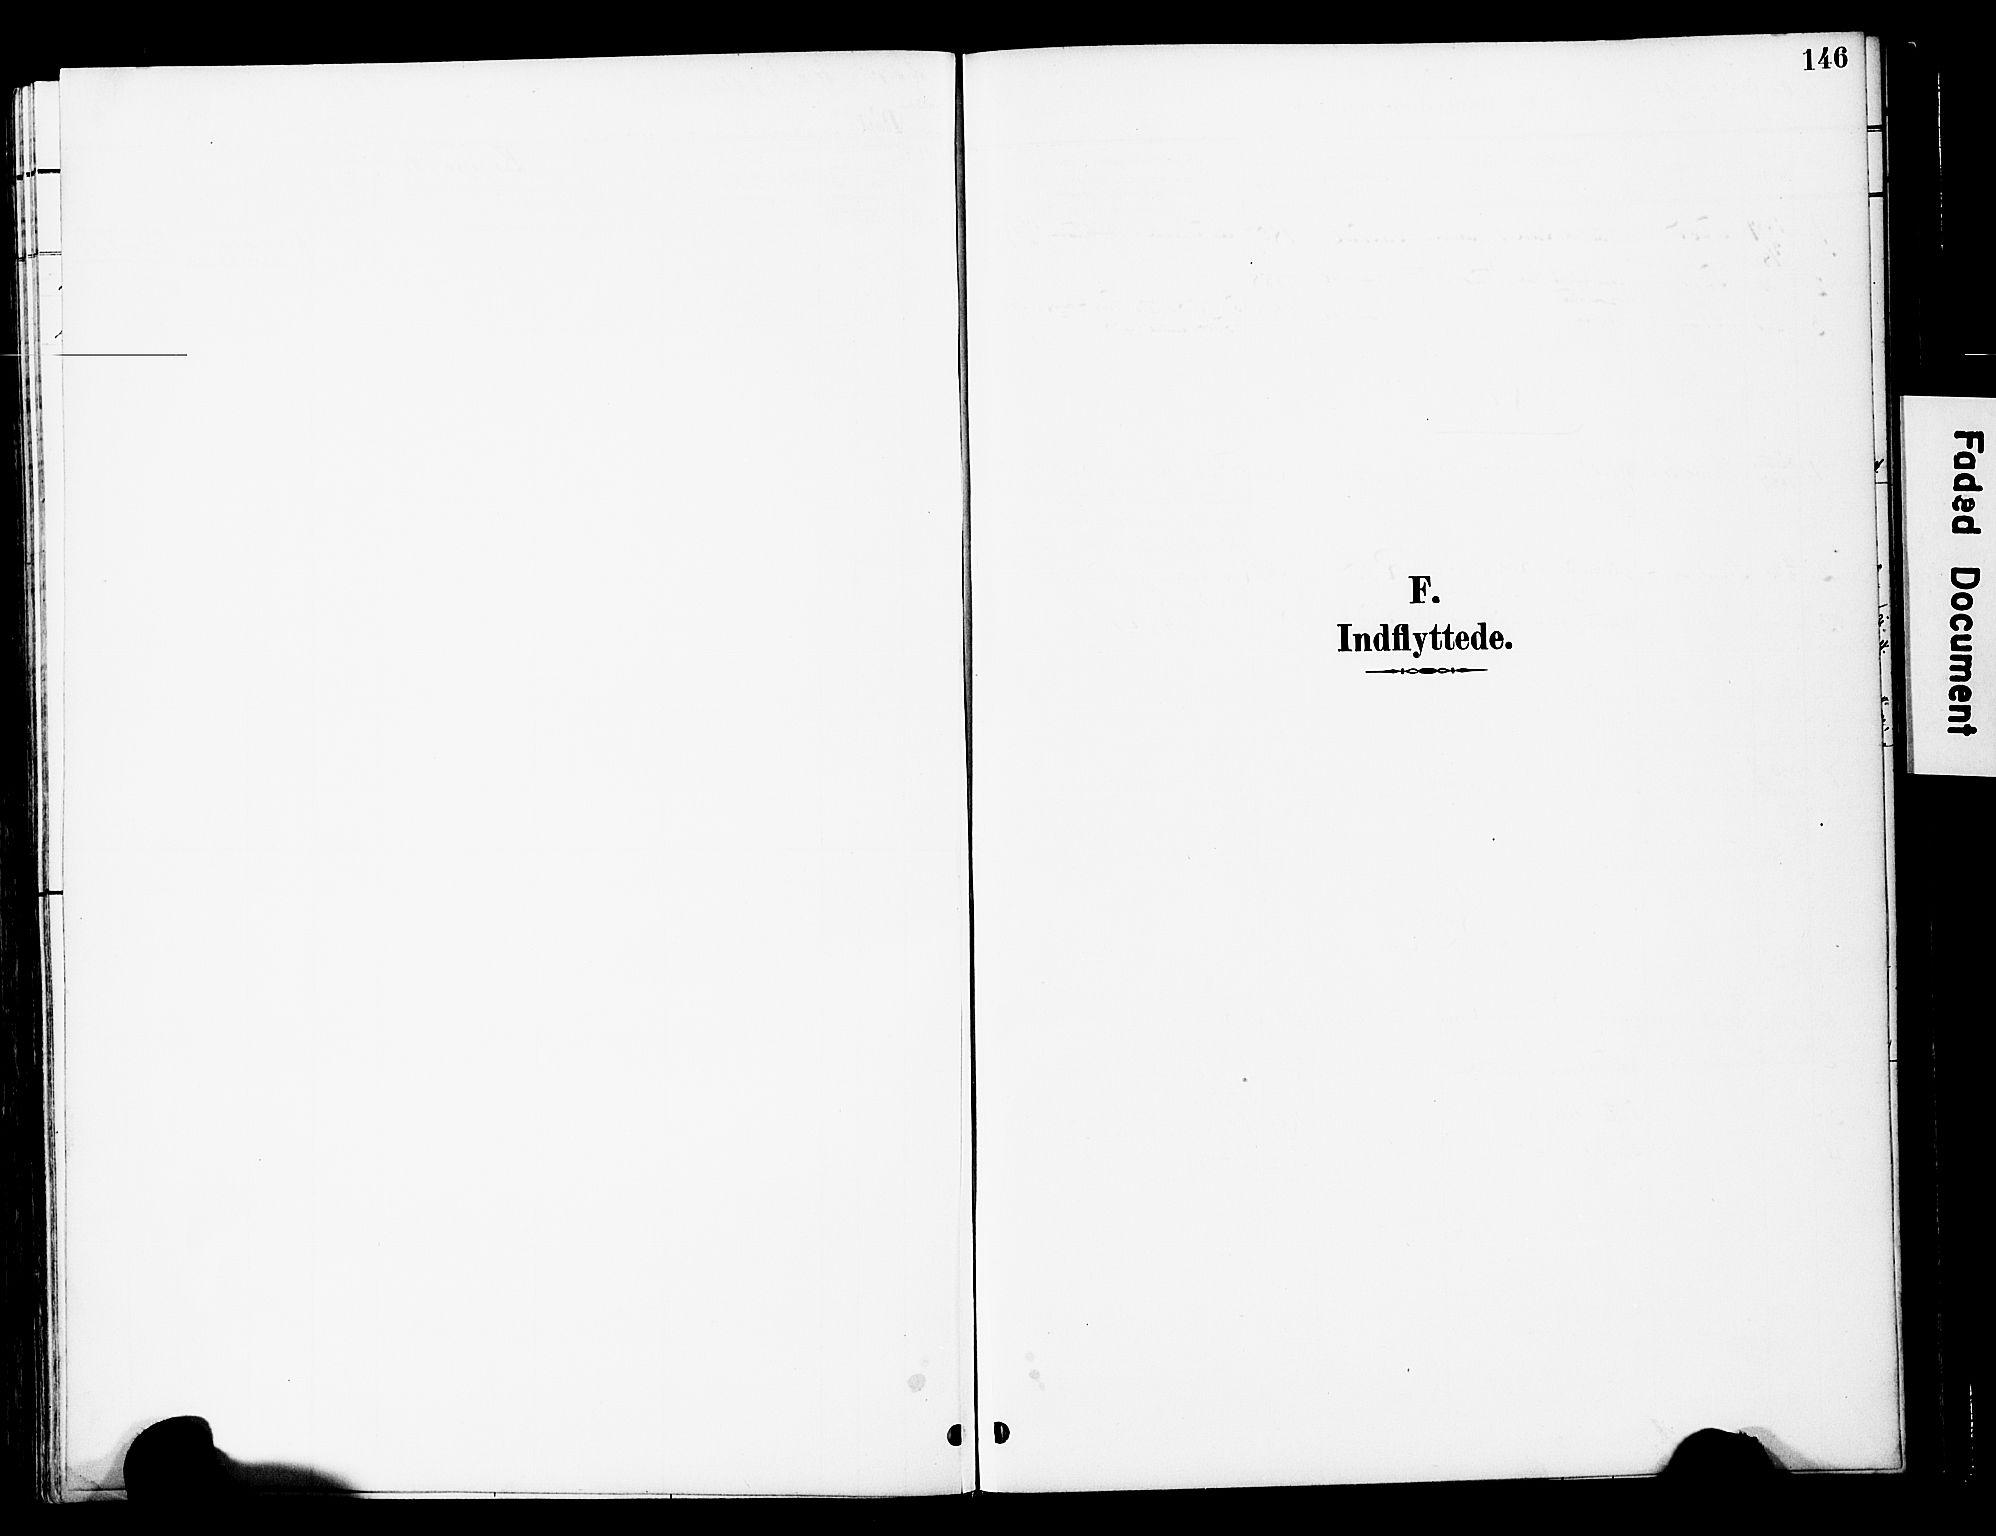 SAT, Ministerialprotokoller, klokkerbøker og fødselsregistre - Nord-Trøndelag, 741/L0396: Ministerialbok nr. 741A10, 1889-1901, s. 146